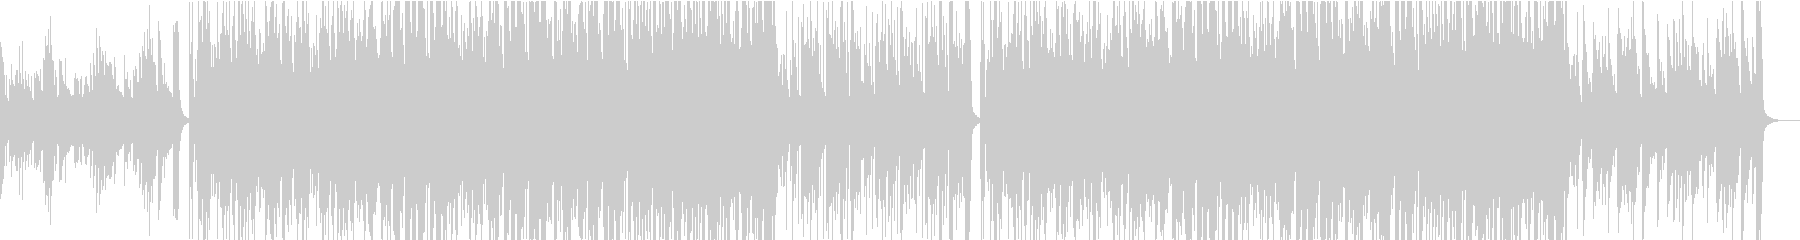 プロフィールビデオ等に 感動的なピアノの未再生の波形